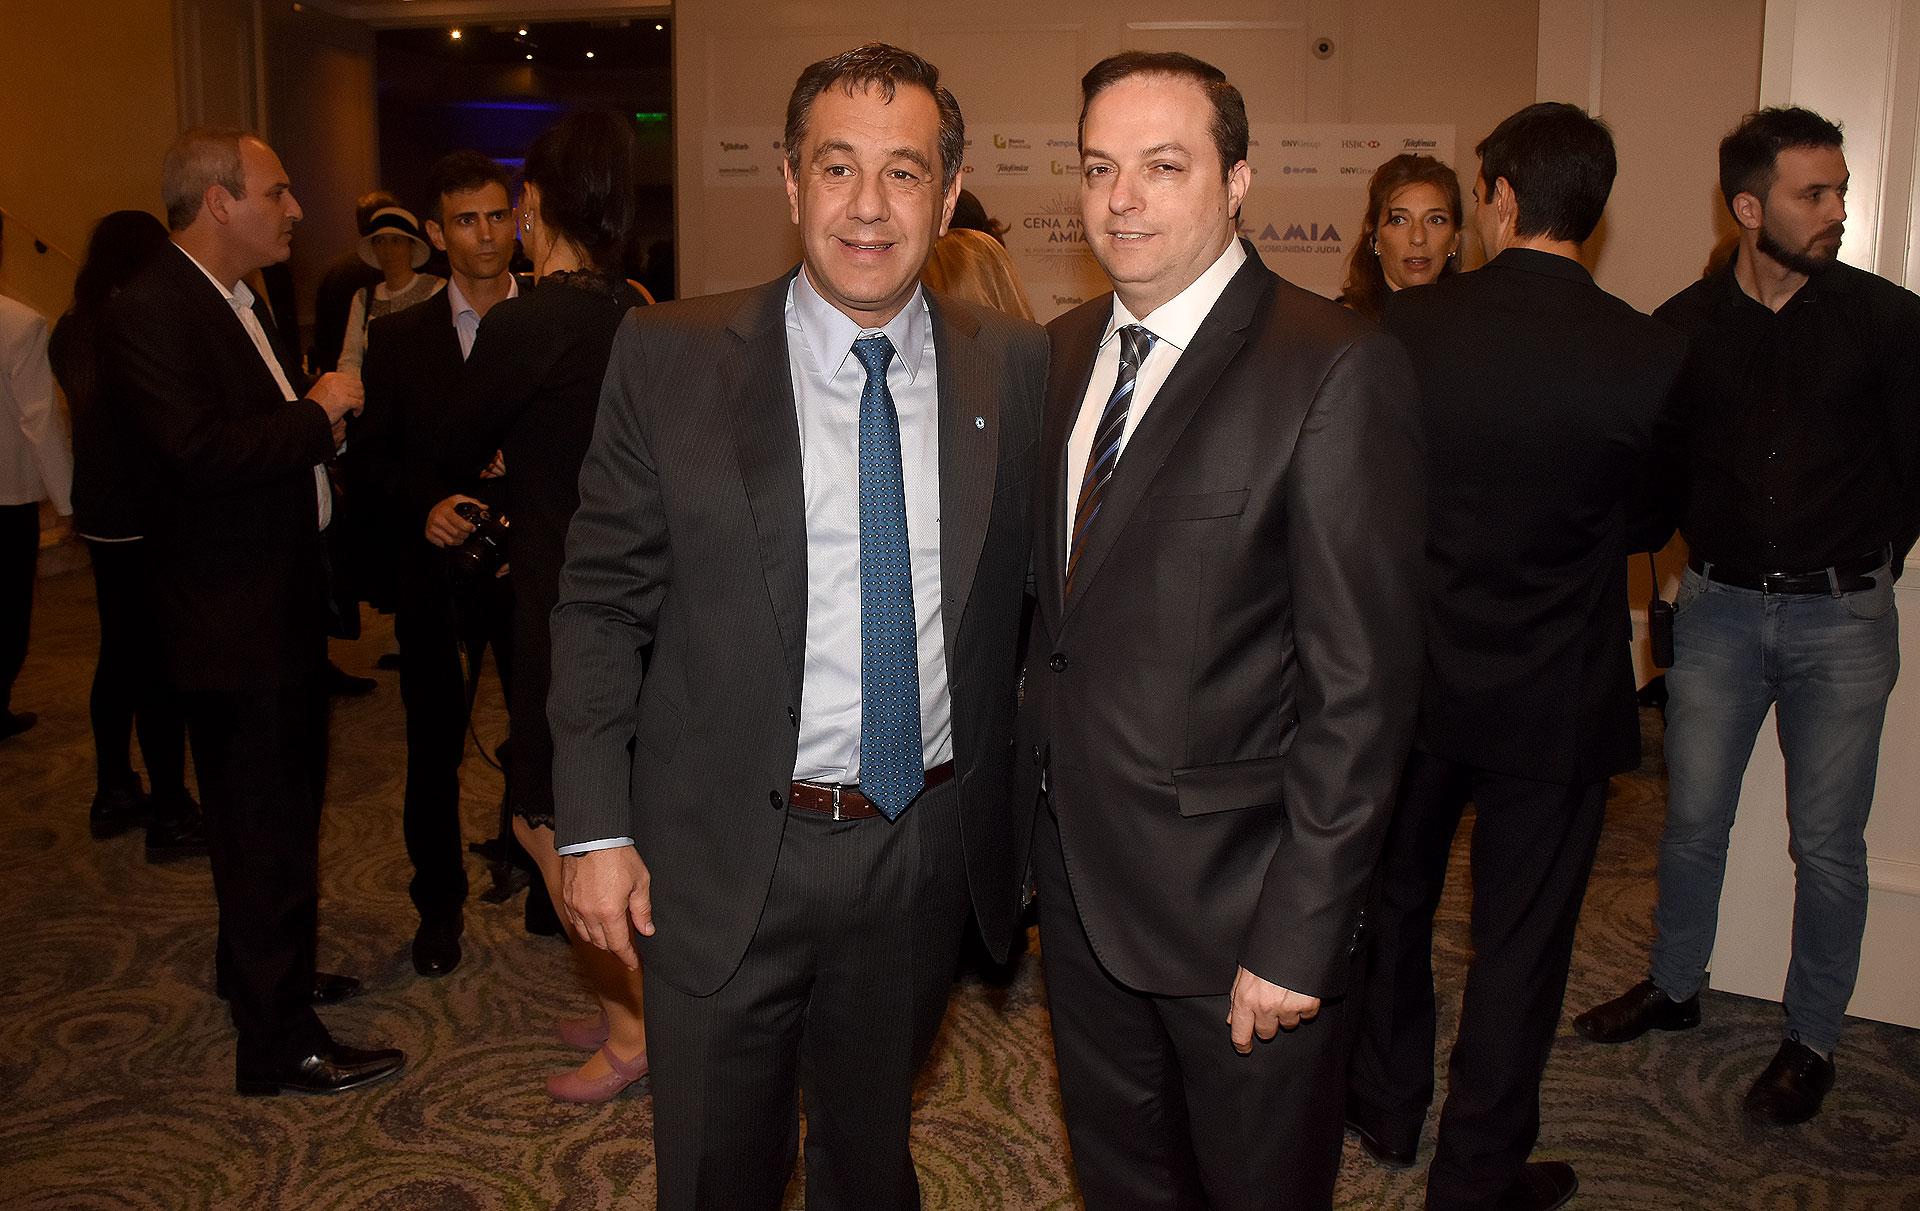 El ministro de Educación, Alejandro Finocchiaro, y el presidente de la DAIA, Ariel Cohen Sabban